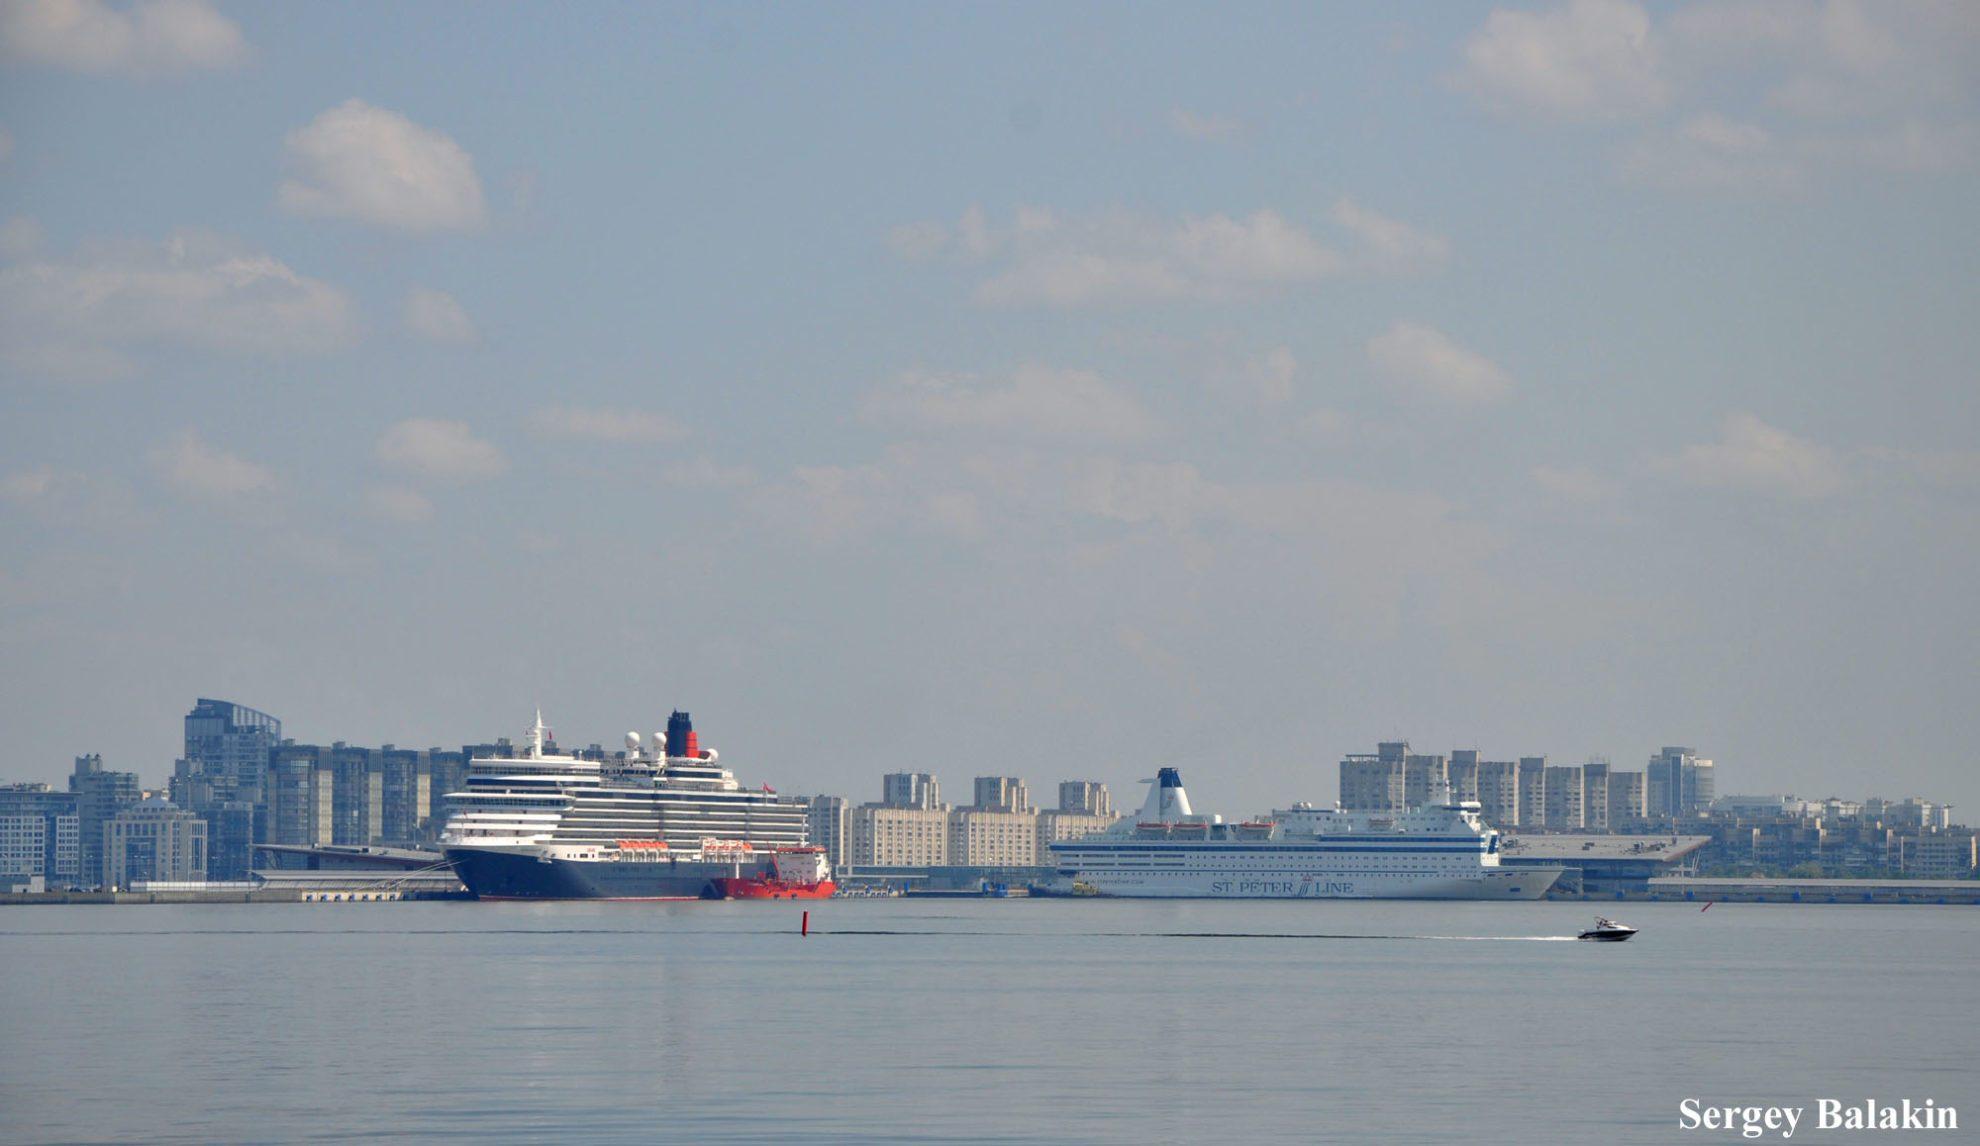 Пассажирский порт Морской фасад Санкт-Петербурга